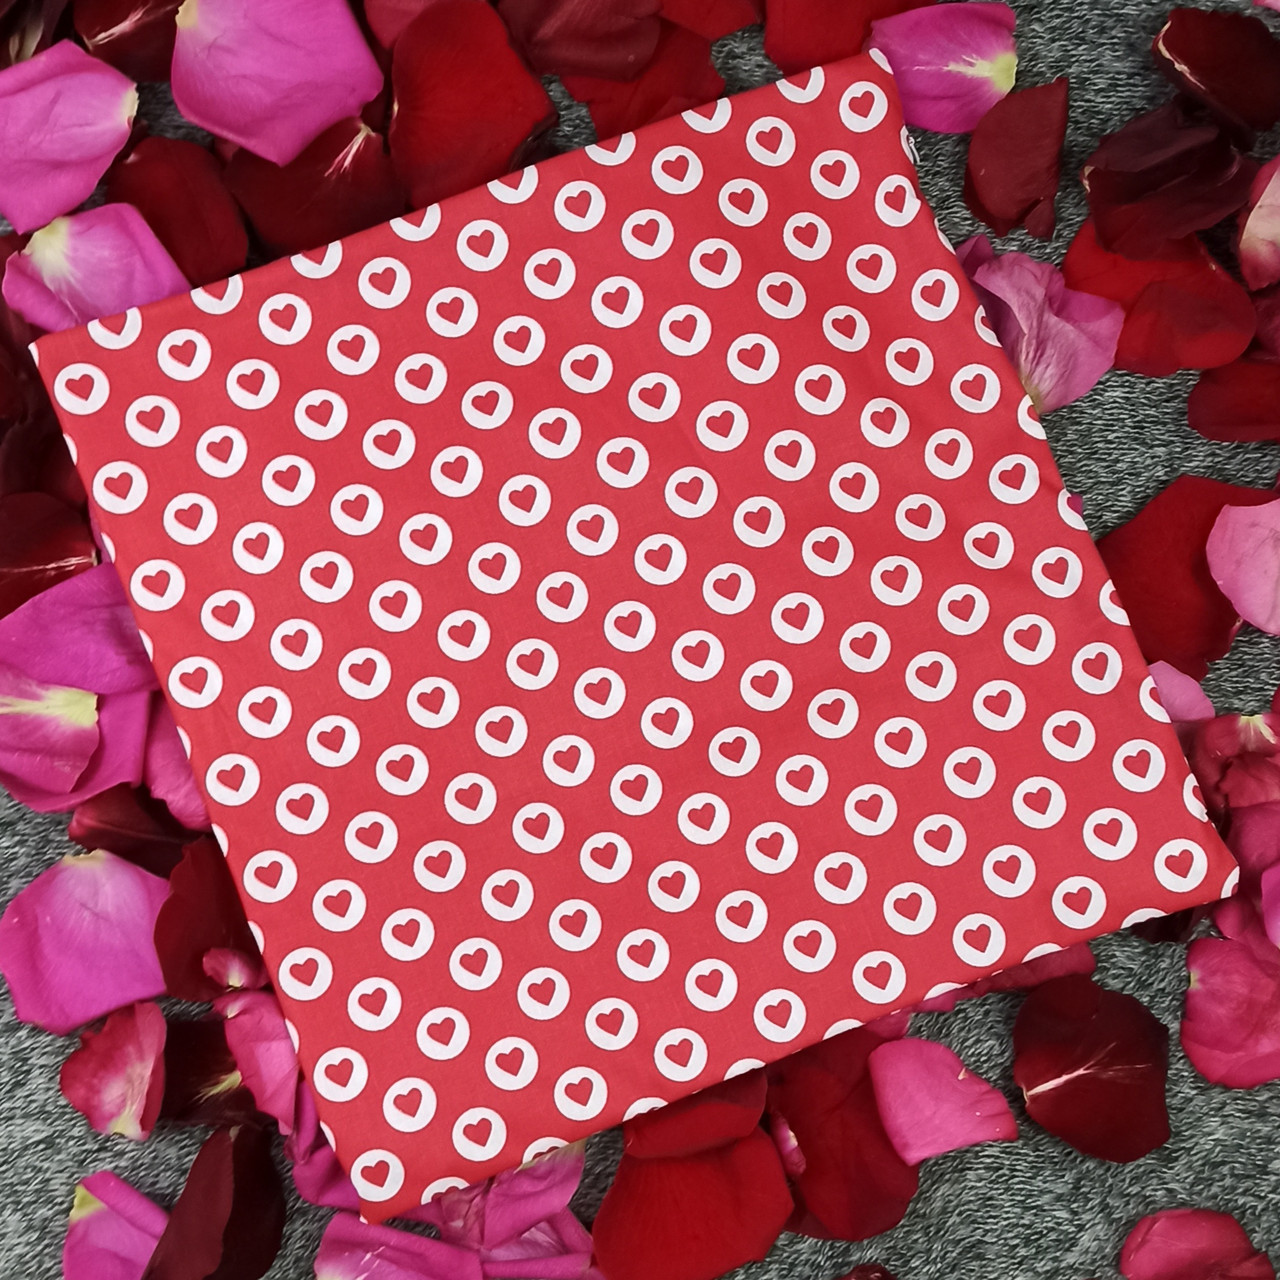 Наволочка, 35*35 см, (хлопок), (красные сердечки в белых кружочках на красном)